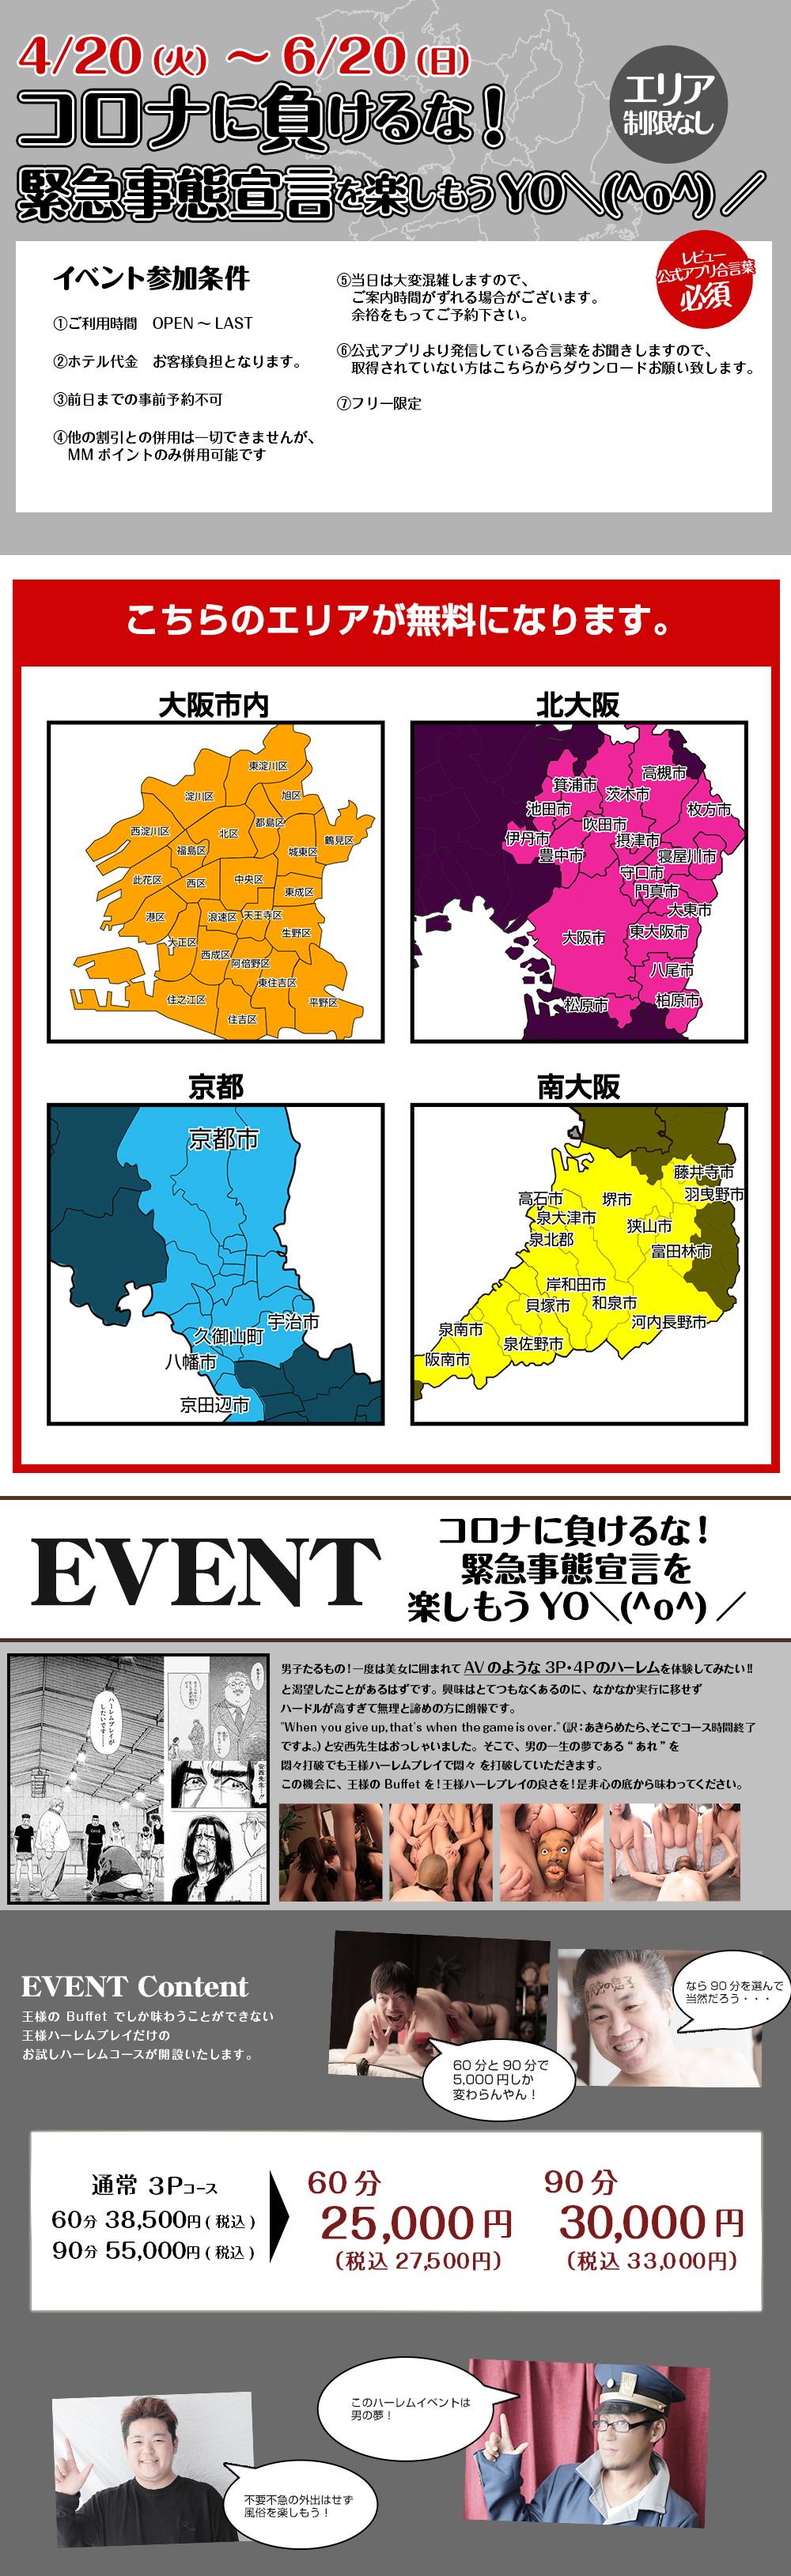 コロナ 大阪 風俗